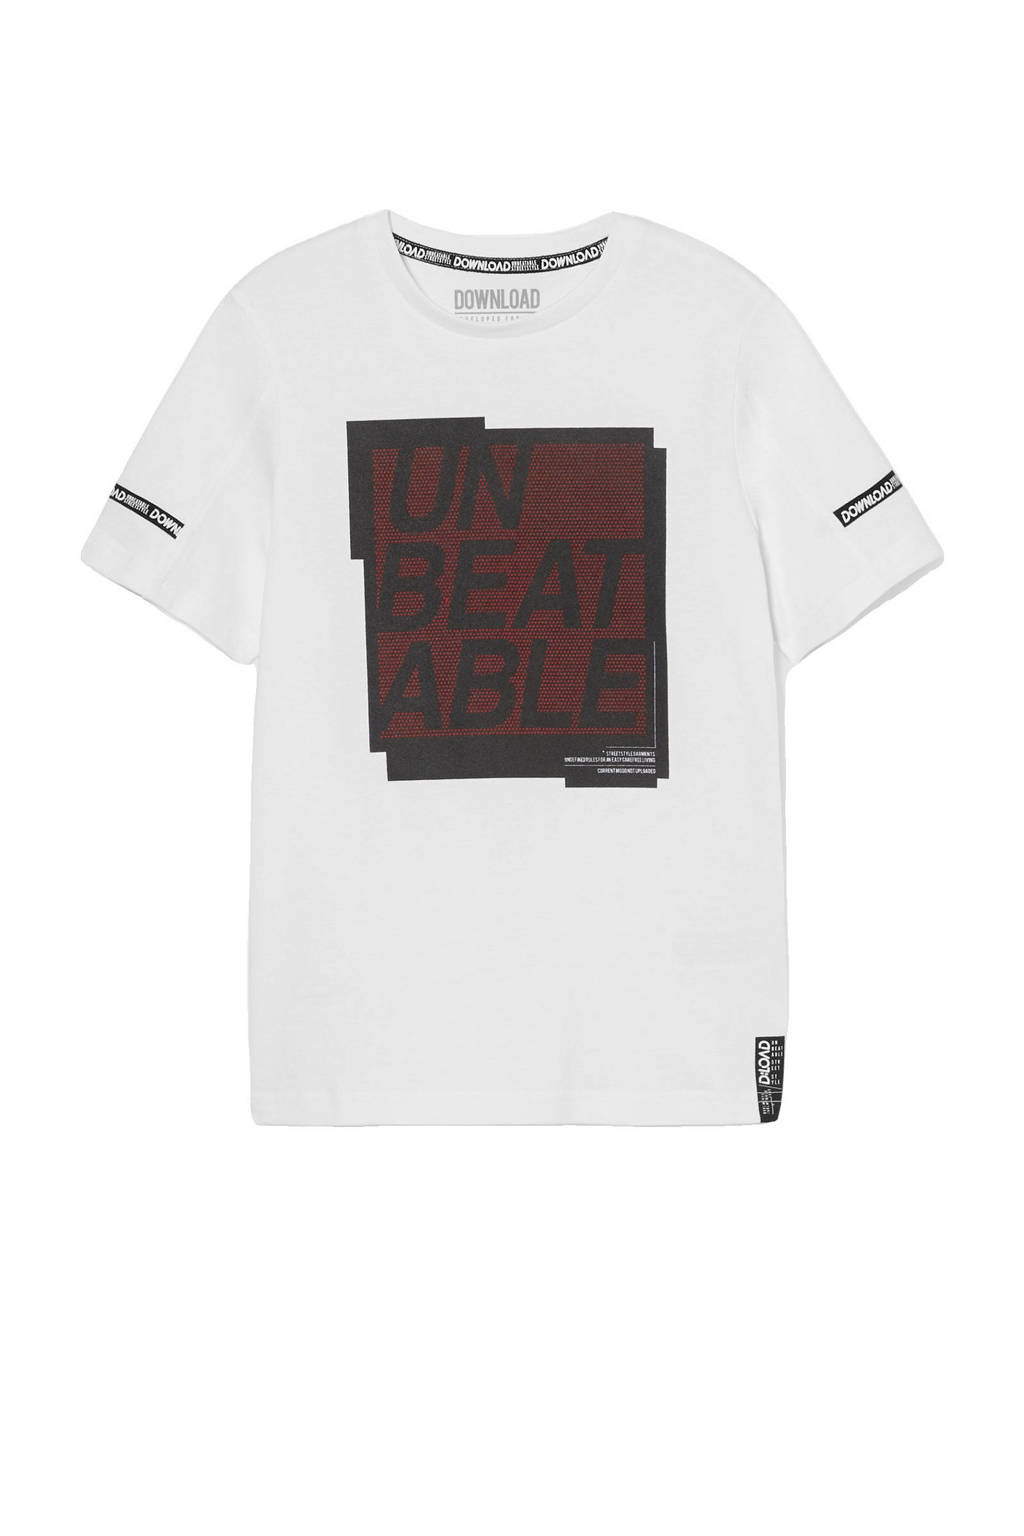 C&A T-shirt van biologisch katoen wit/zwart/rood, Wit/zwart/rood